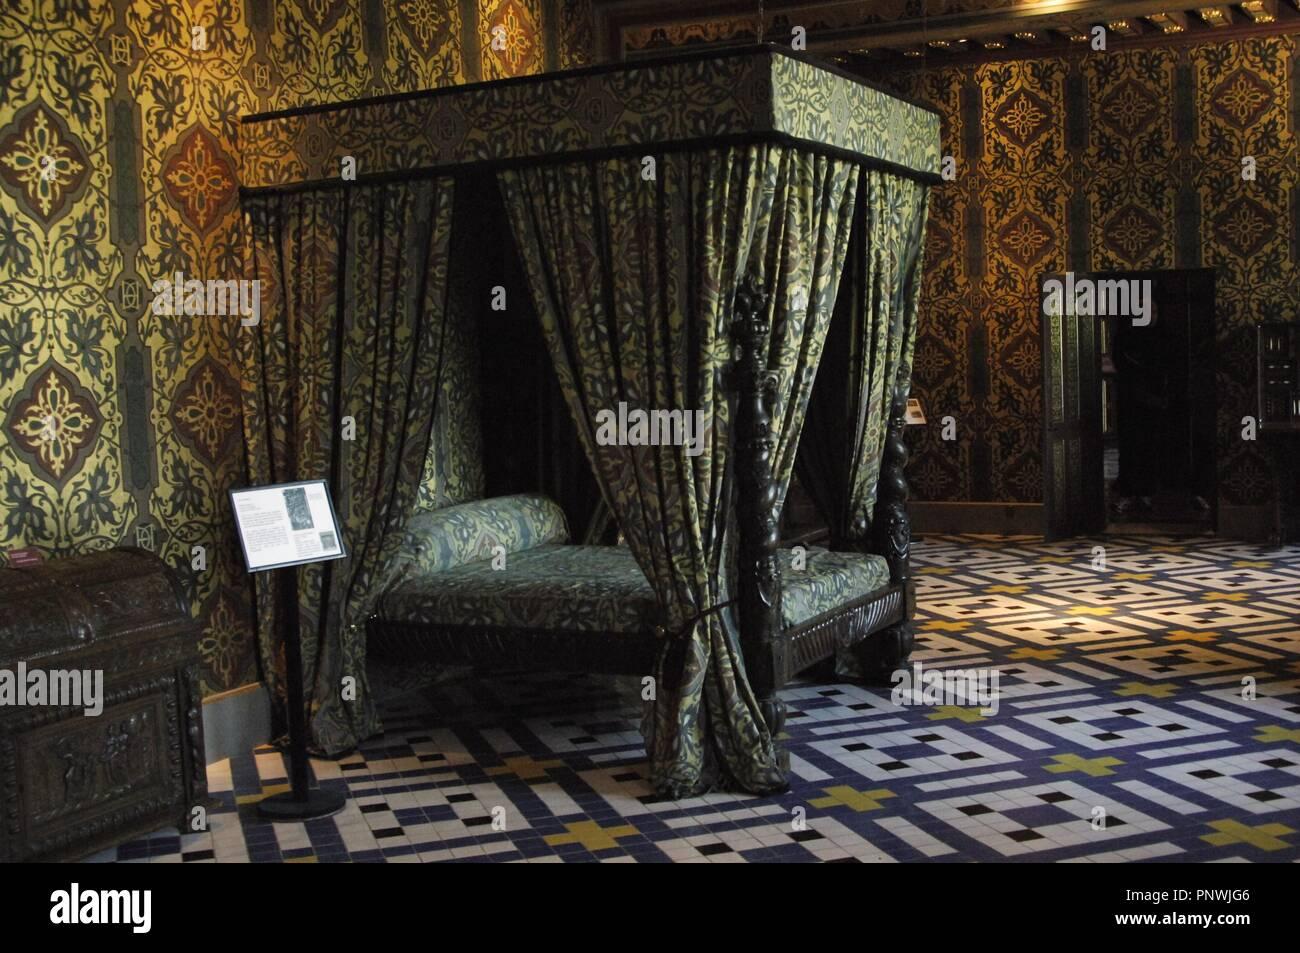 Frankreich. Blois. Königliche Schloss. Schlafzimmer von Catherine de Medici (1519-1589), Königin Gemahlin des France.16th Jahrhunderts. Stockfoto